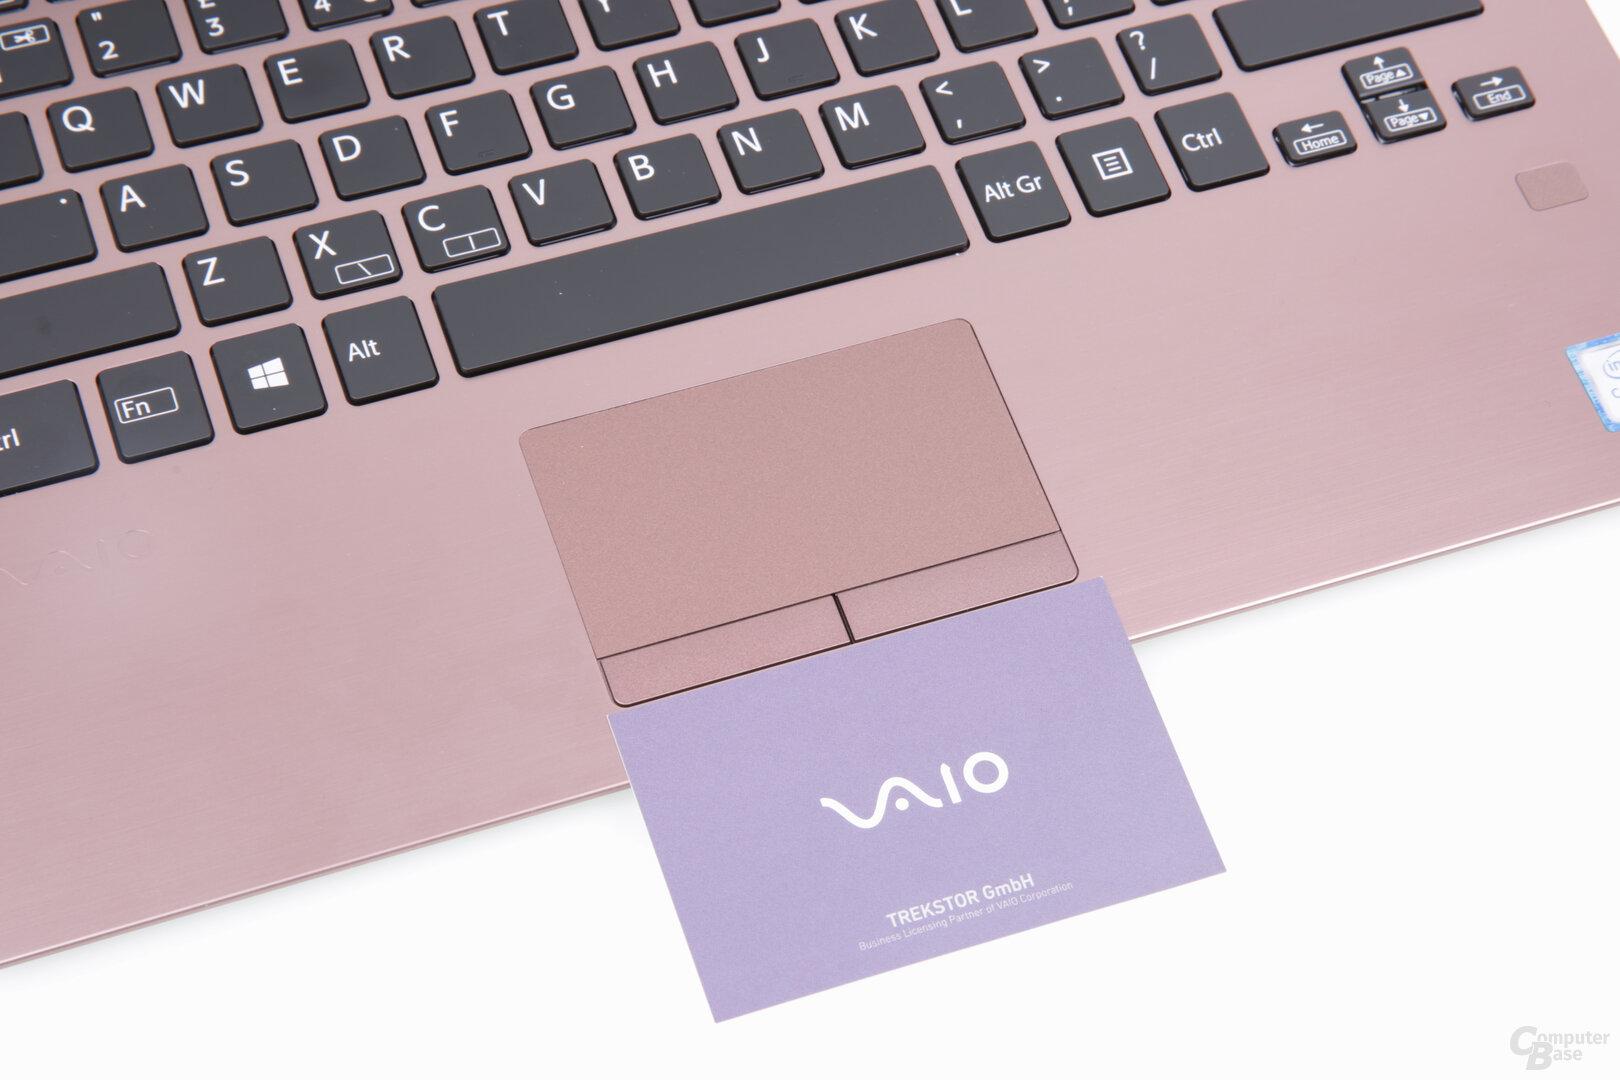 Das Touchpad ist kleiner als eine Visitenkarte